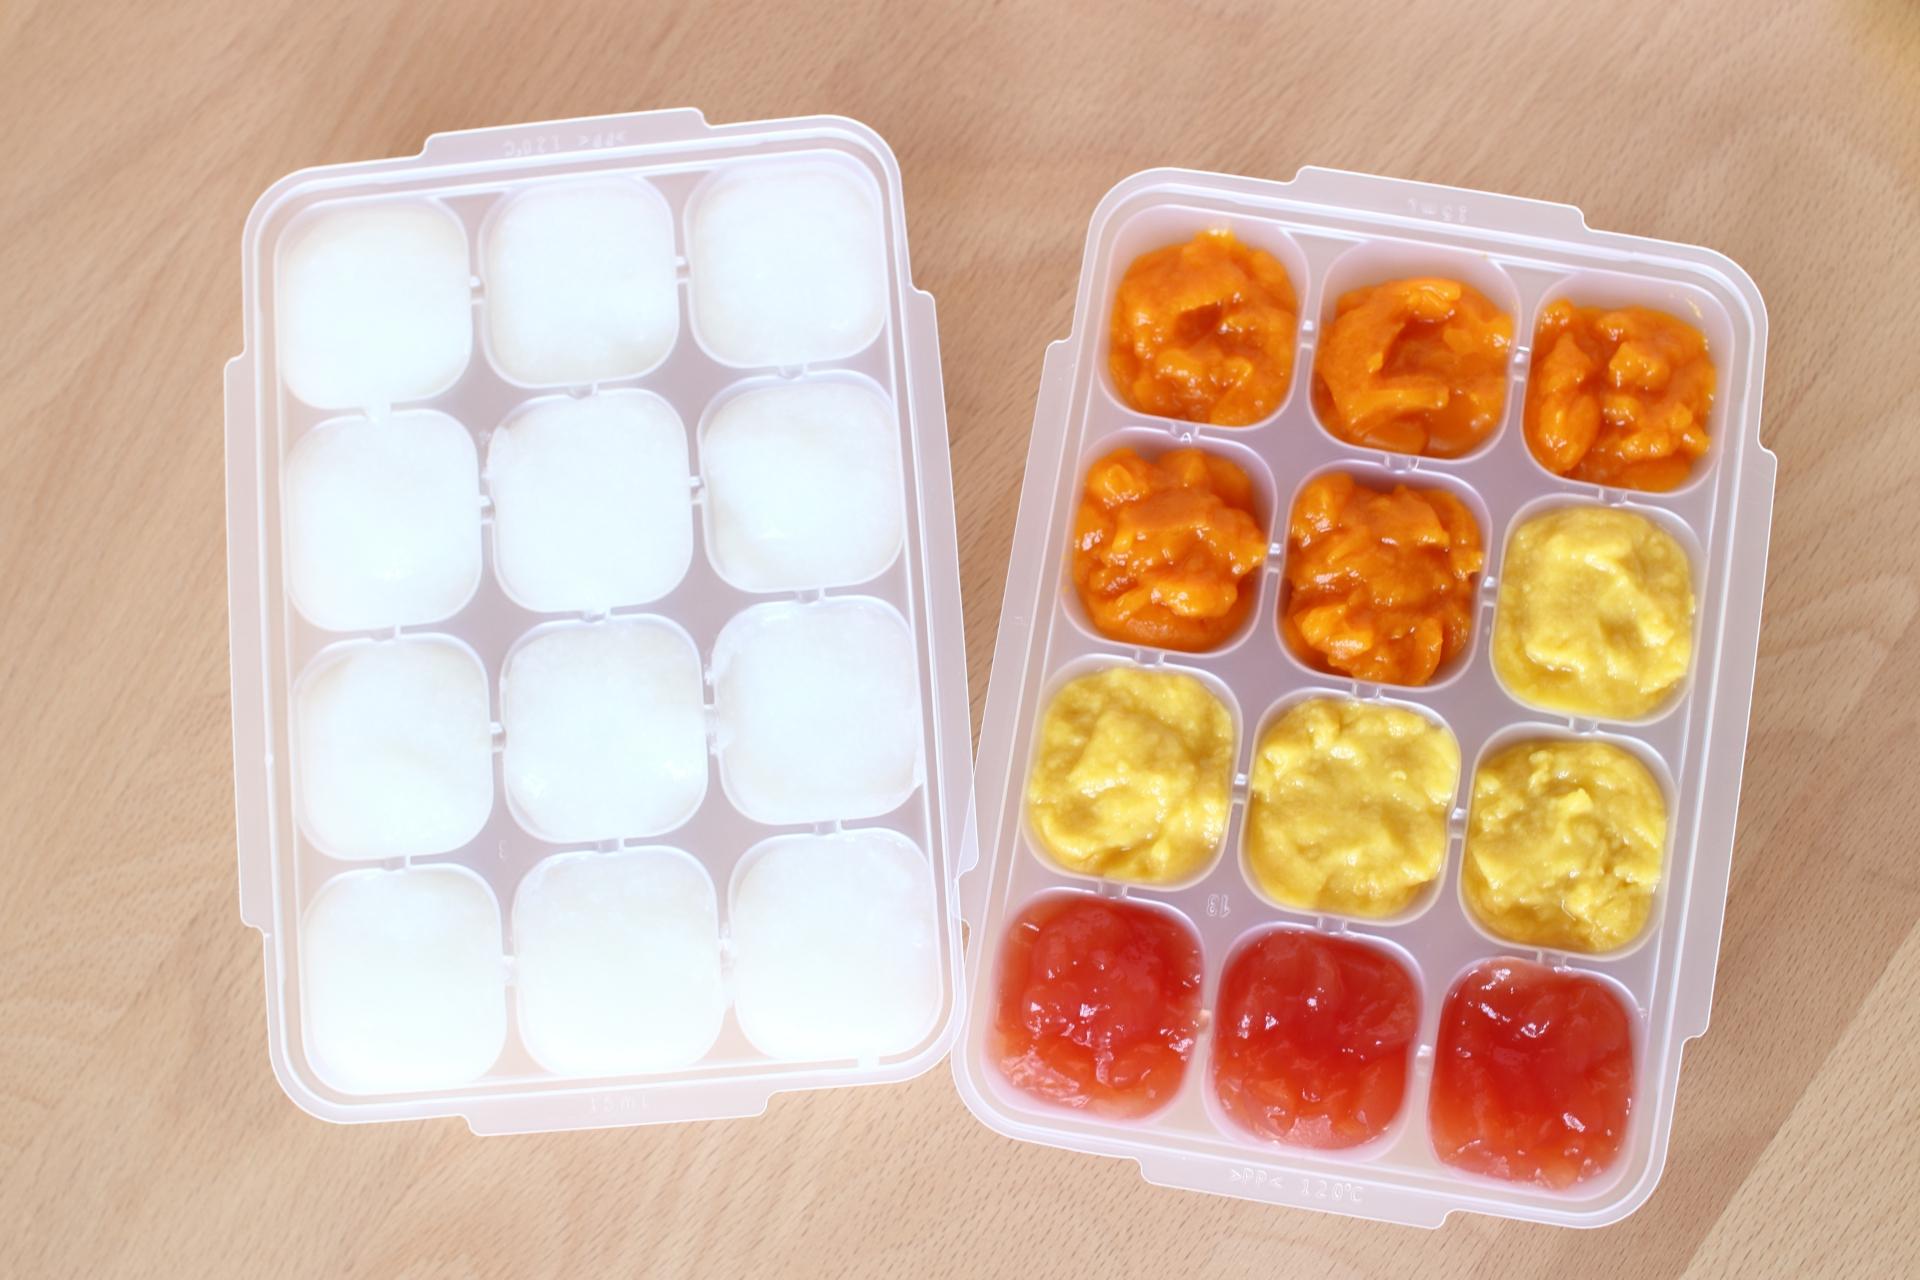 離乳食の保存容器は何がいい?選ぶポイントとおすすめのアイテムをランキング形式で紹介!